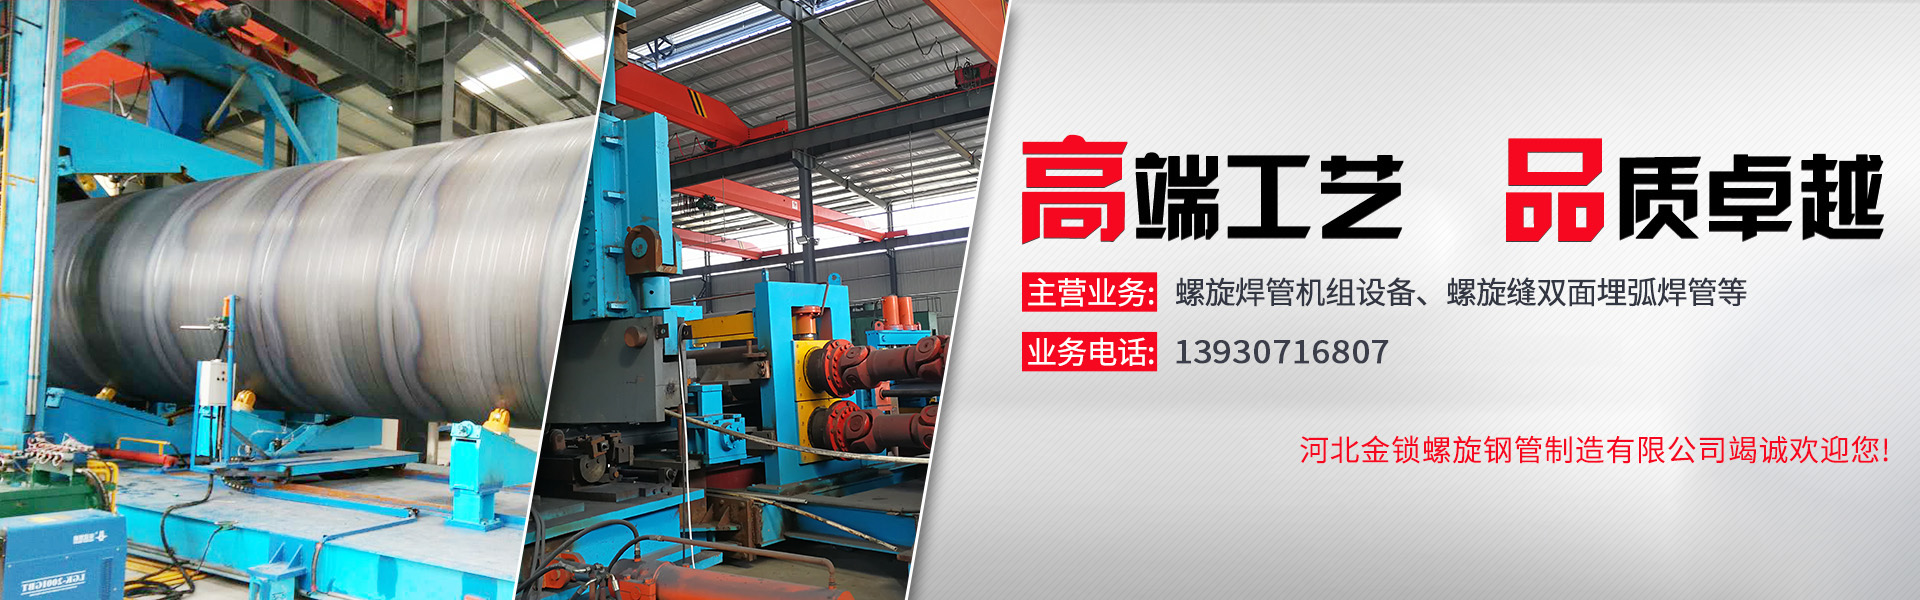 螺旋钢管生产设备